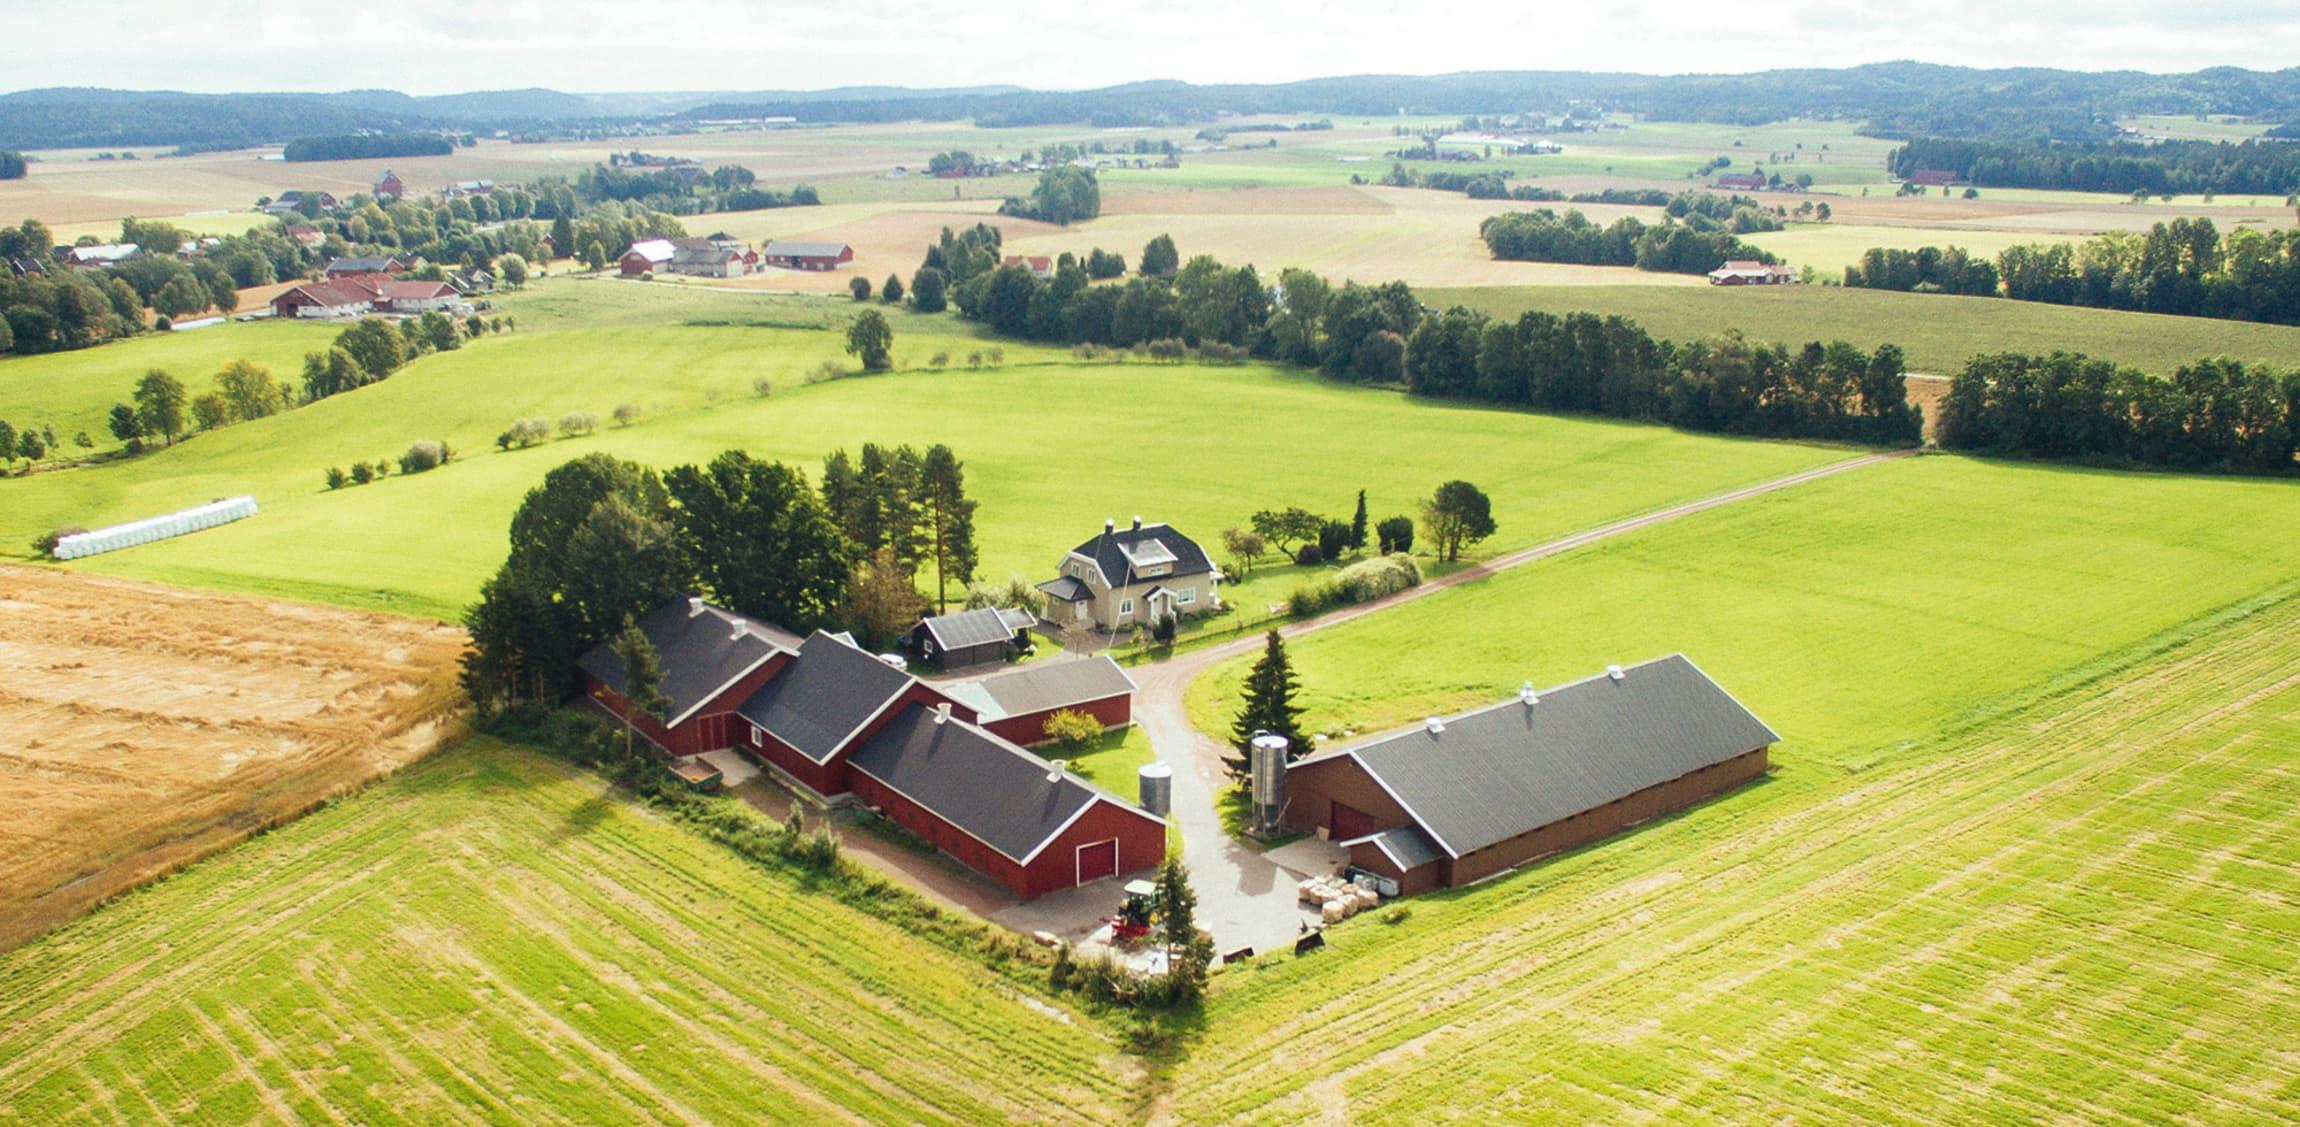 Alle Lerstangkyllinger starter livet på Lerstang gård før de vokser opp hos noen få utvalgte og omsorgsfulle bønder rundt i Vestfold.